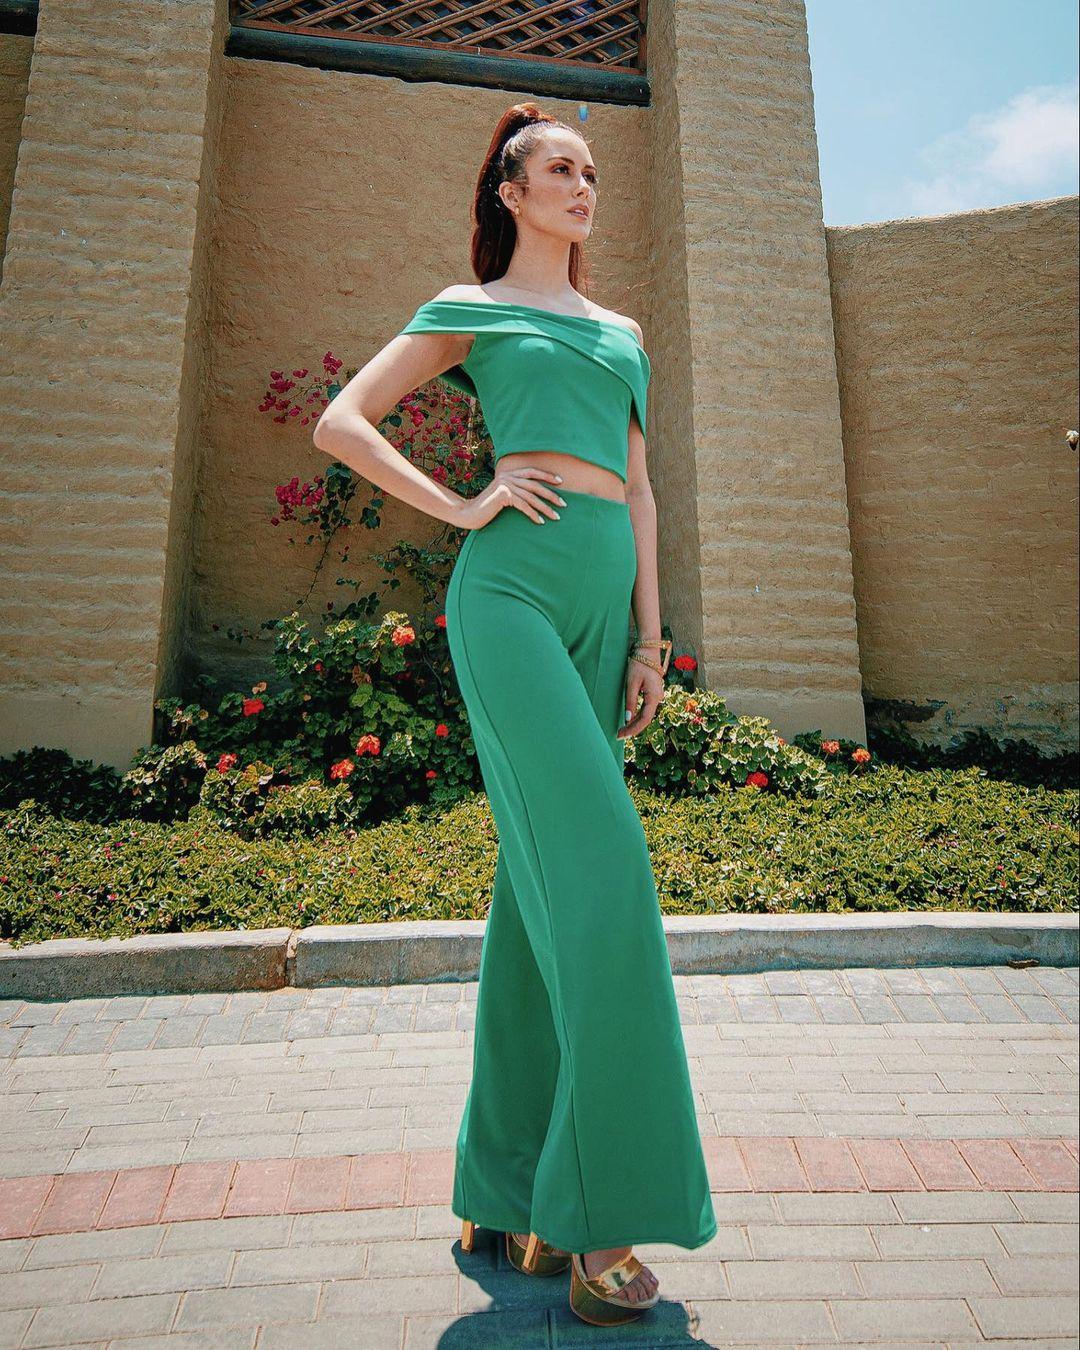 solange hermoza, finalista de miss teenager 2014, miss la liberta peru 2020. - Página 2 Solang16